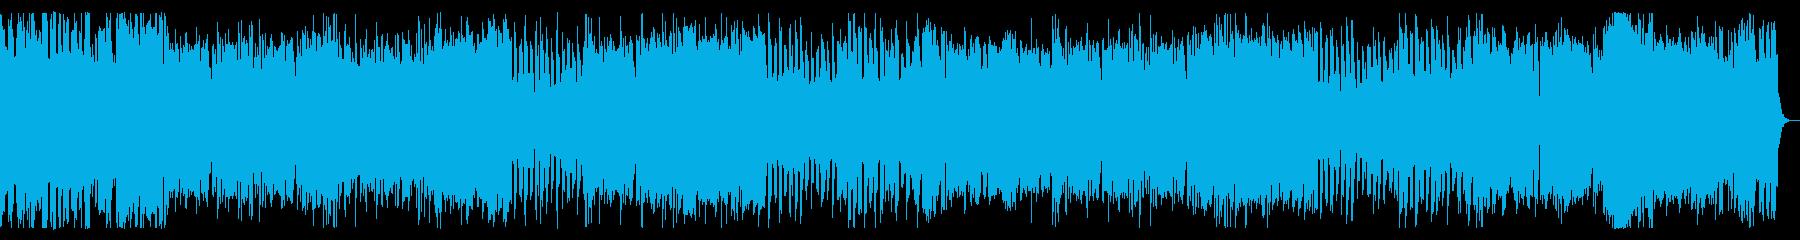 ポップでファンタジックなチップチューンの再生済みの波形